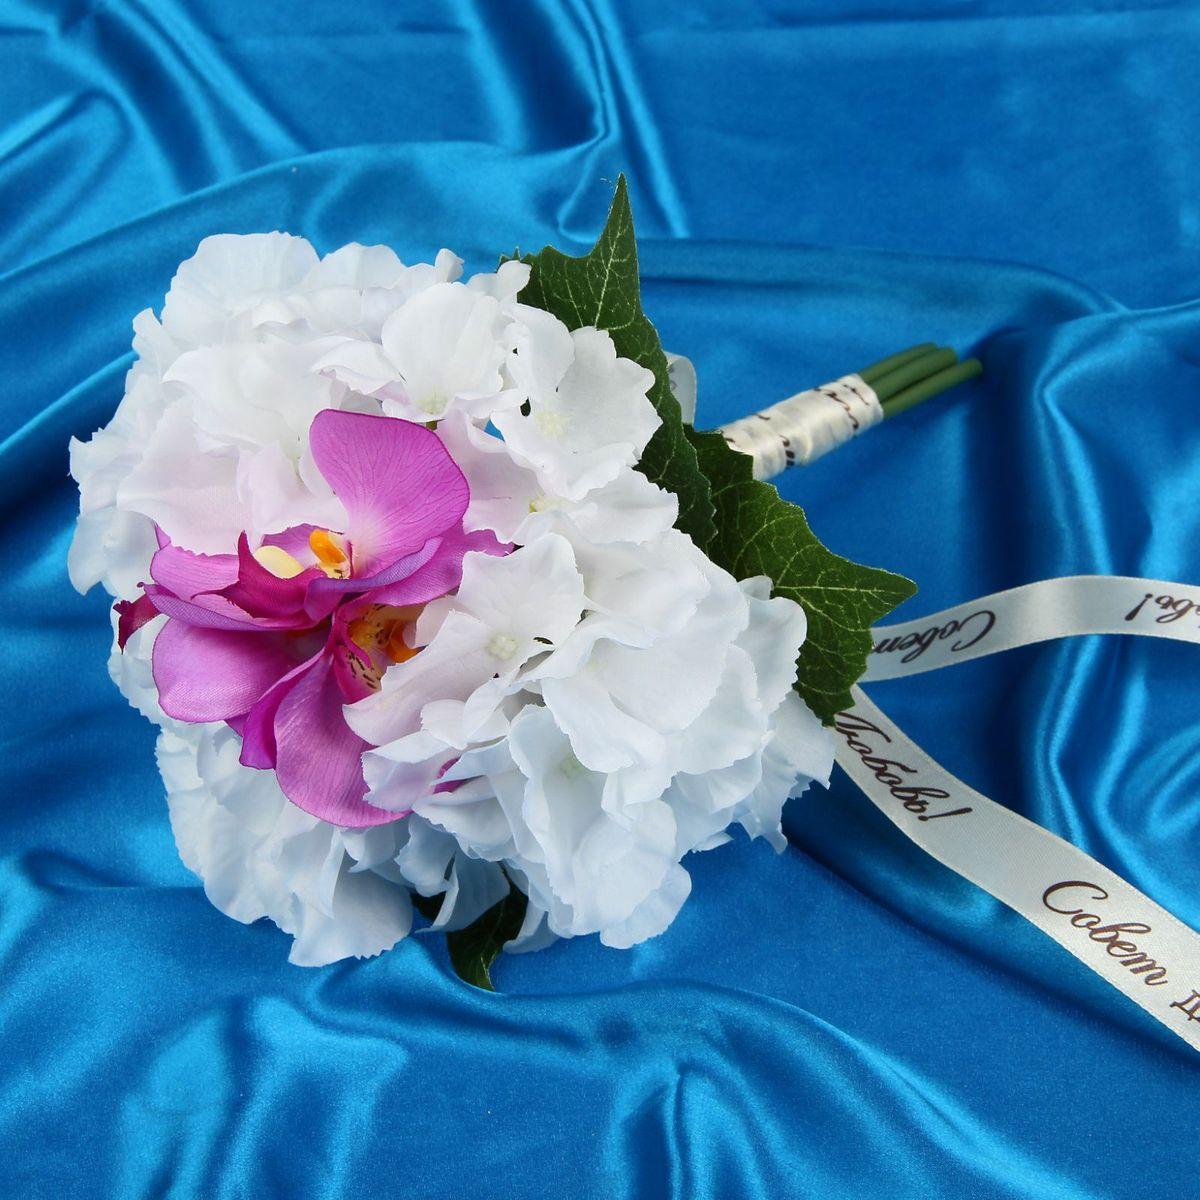 Букет-дублер Sima-land Орхи, цвет: белый, фиолетовый1284913Свадьба — одно из главных событий в жизни человека. В такой день всё должно быть безупречно, особенно букет невесты. Но кидать, по старой традиции, цветочную композицию подругам не всегда удобно, и на помощь приходит букет-дублер Орхи орхидеи, гортензии — красивый и яркий аксессуар. Стебли оформлены лентой с надписью Совет да любовь. Букет дополнен шильдом с тёплым пожеланием. После торжества он украсит любой интерьер, ведь нежные цветы из текстиля не завянут и не помнутся.